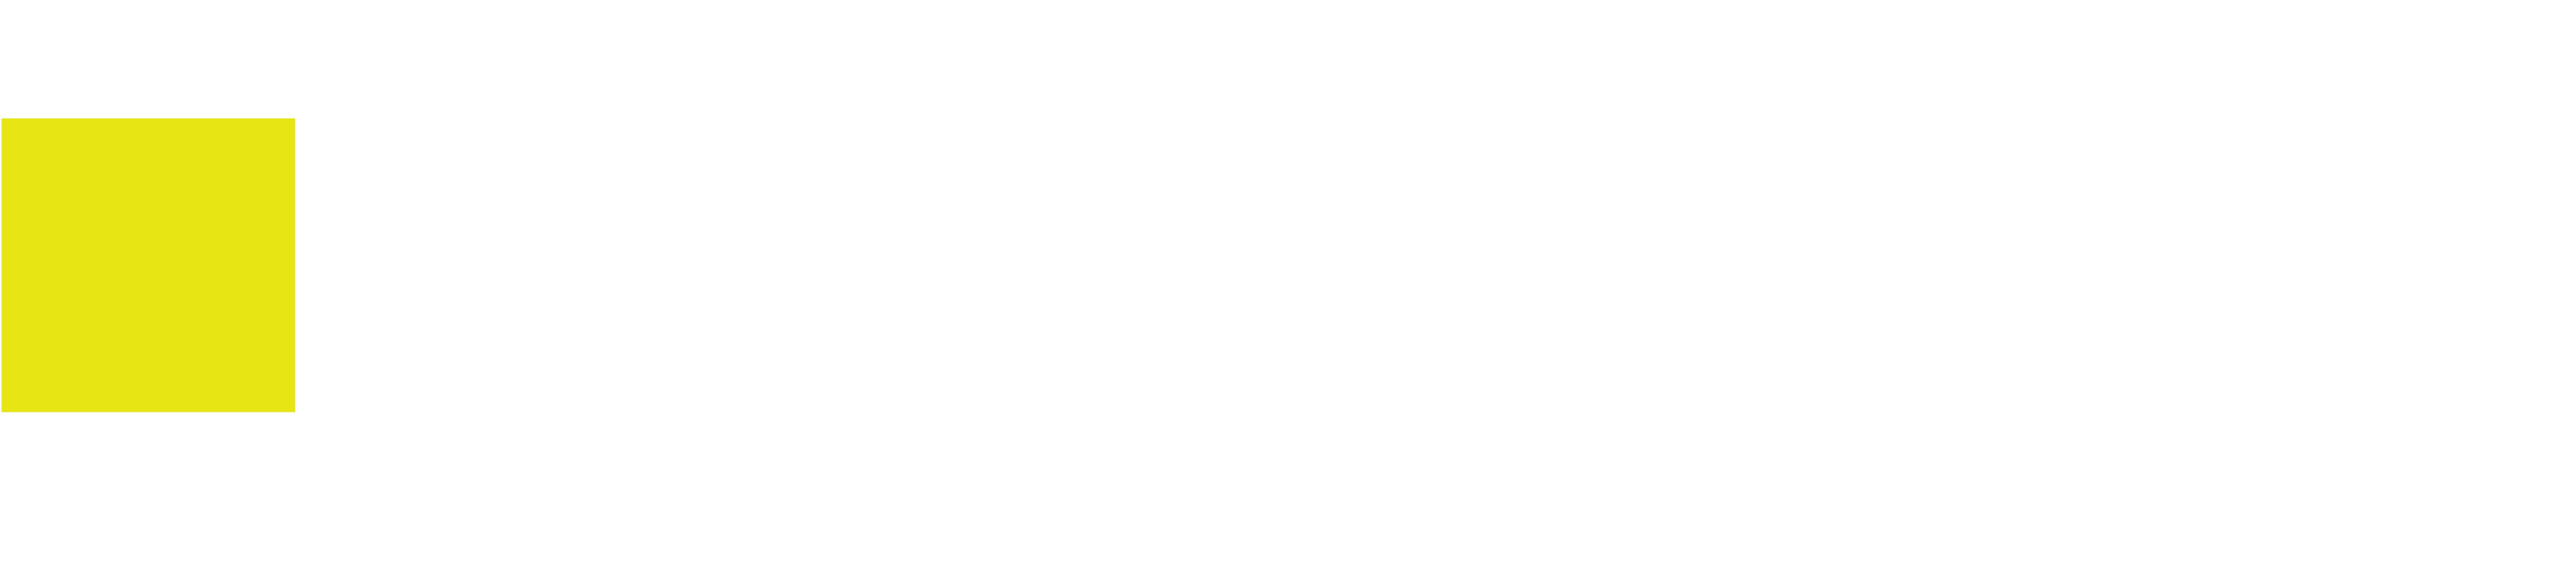 boxprefab logo 6836 WHITE WITH NEON2